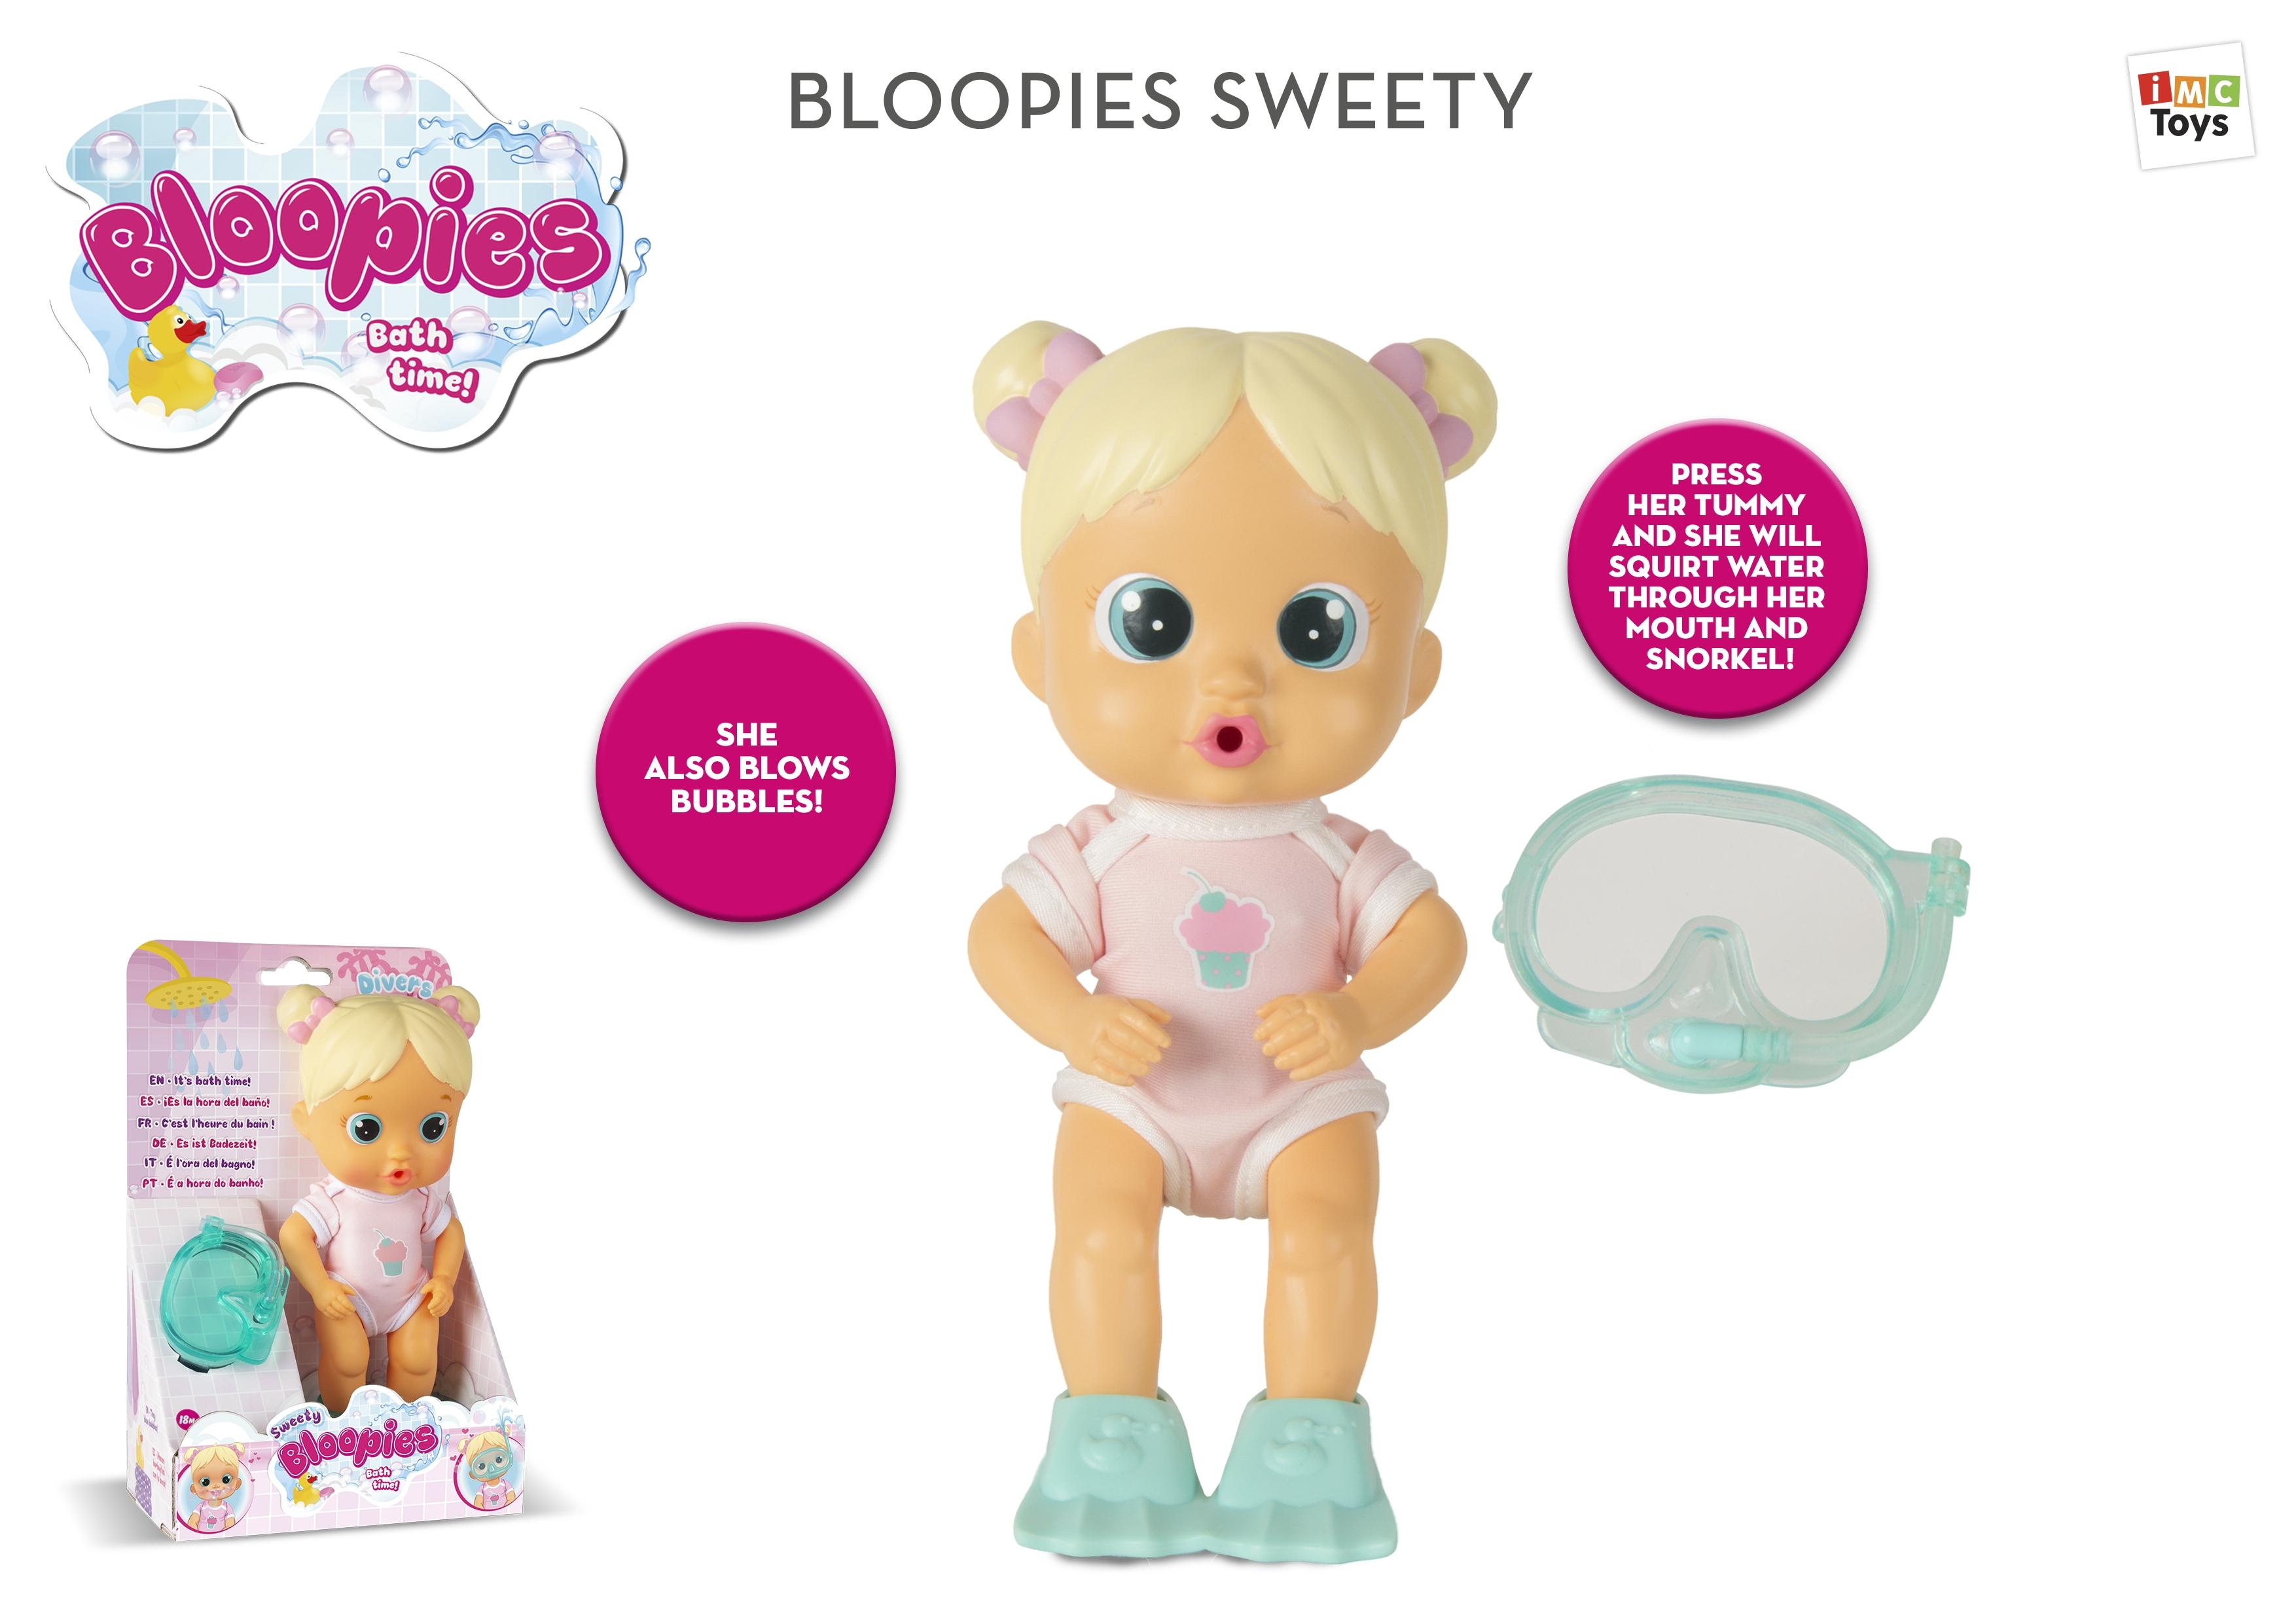 Papusa Bloopies Sweety